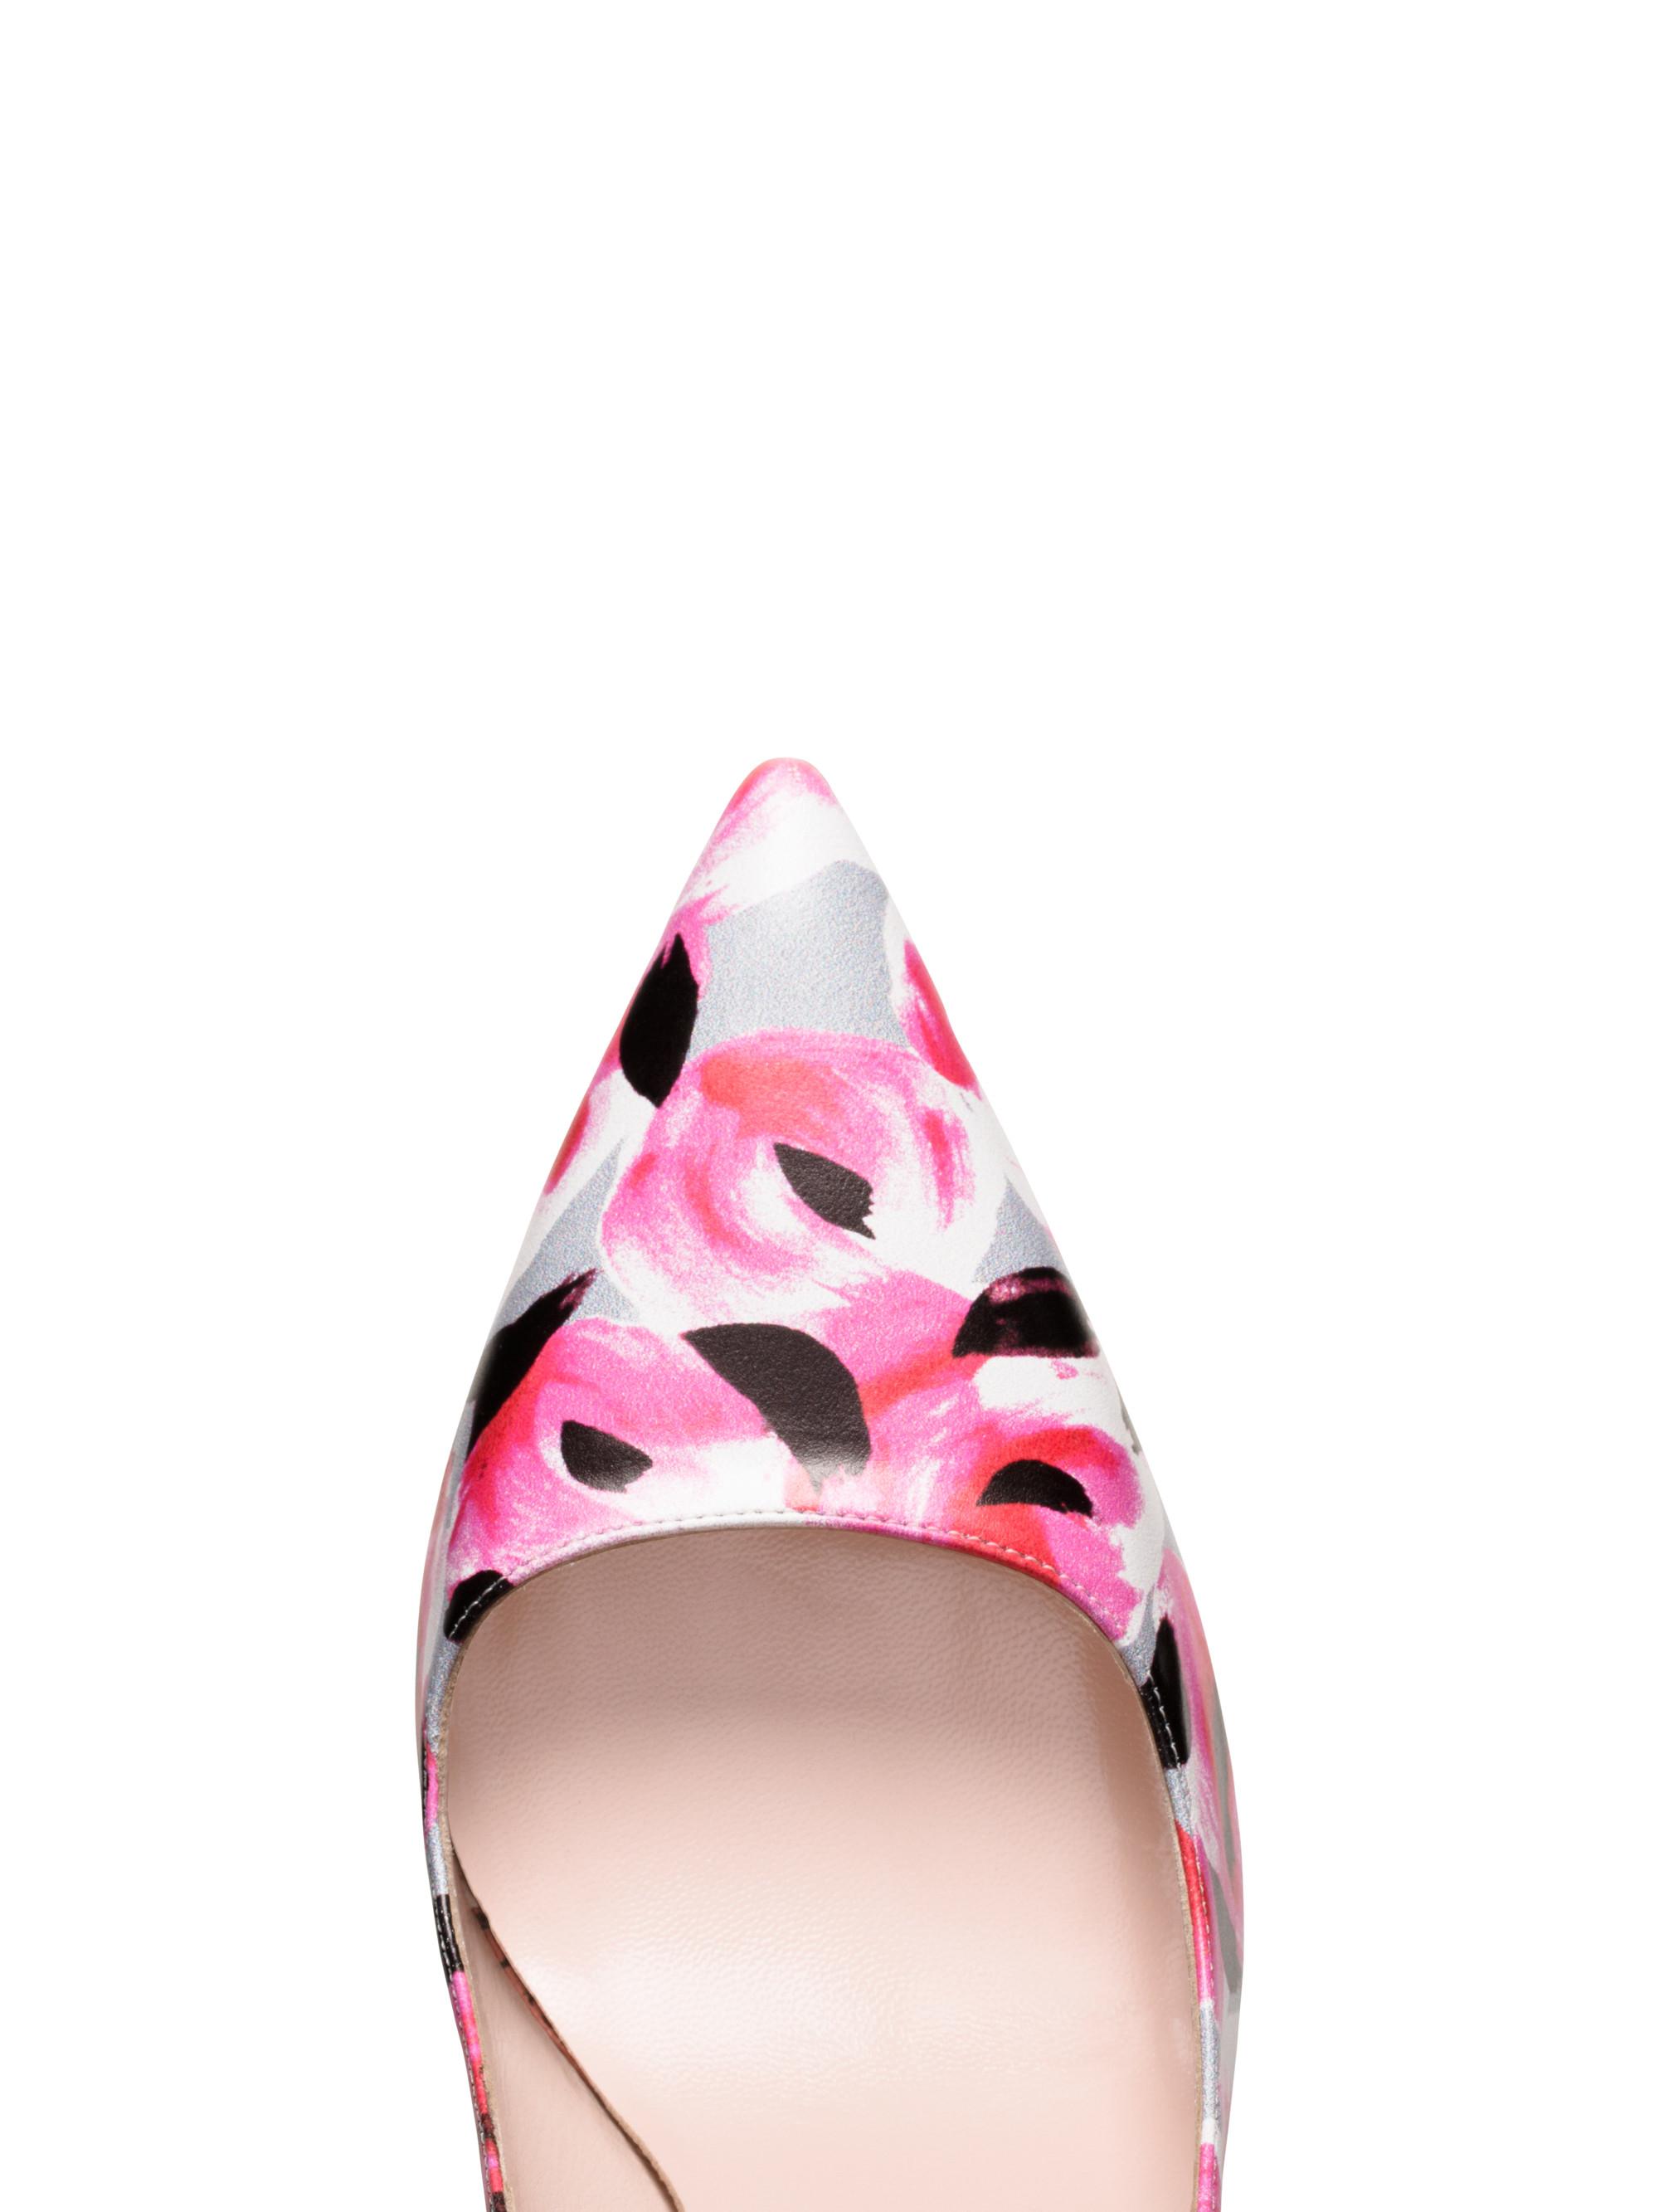 Deep Pink Heels